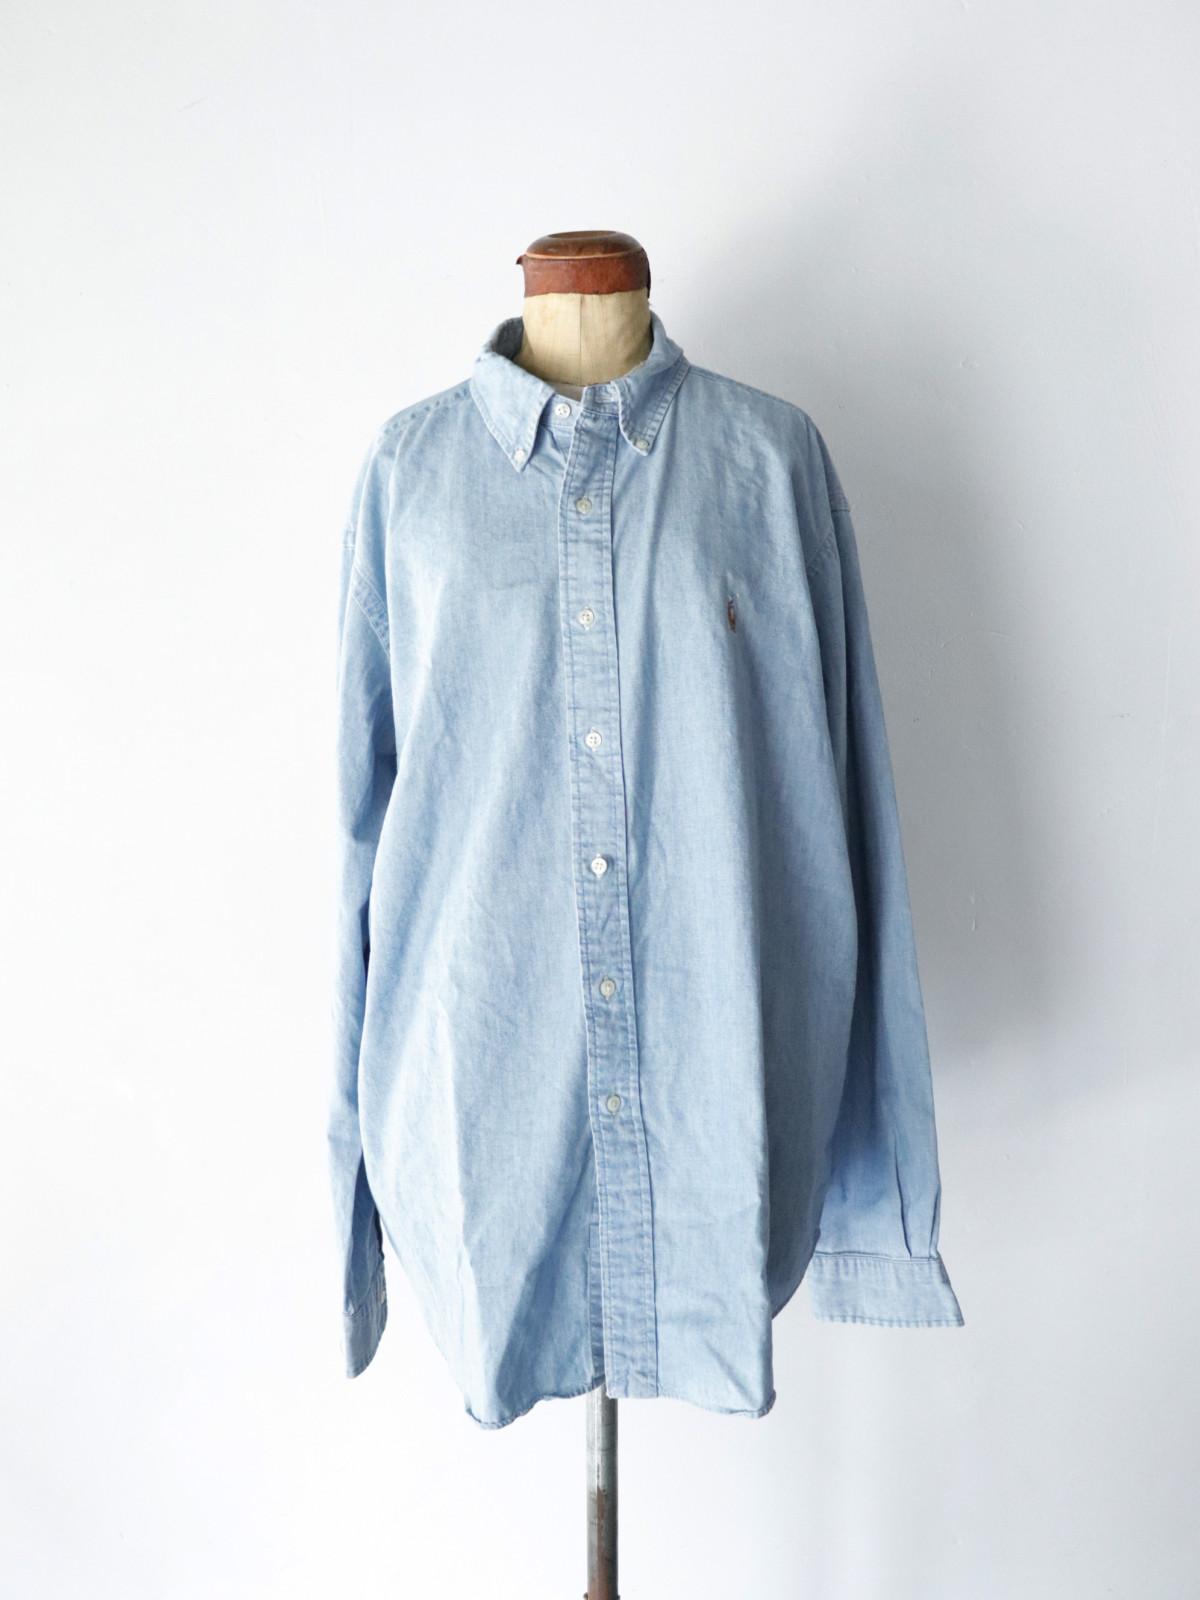 Ralph Lauren, shirts,USA